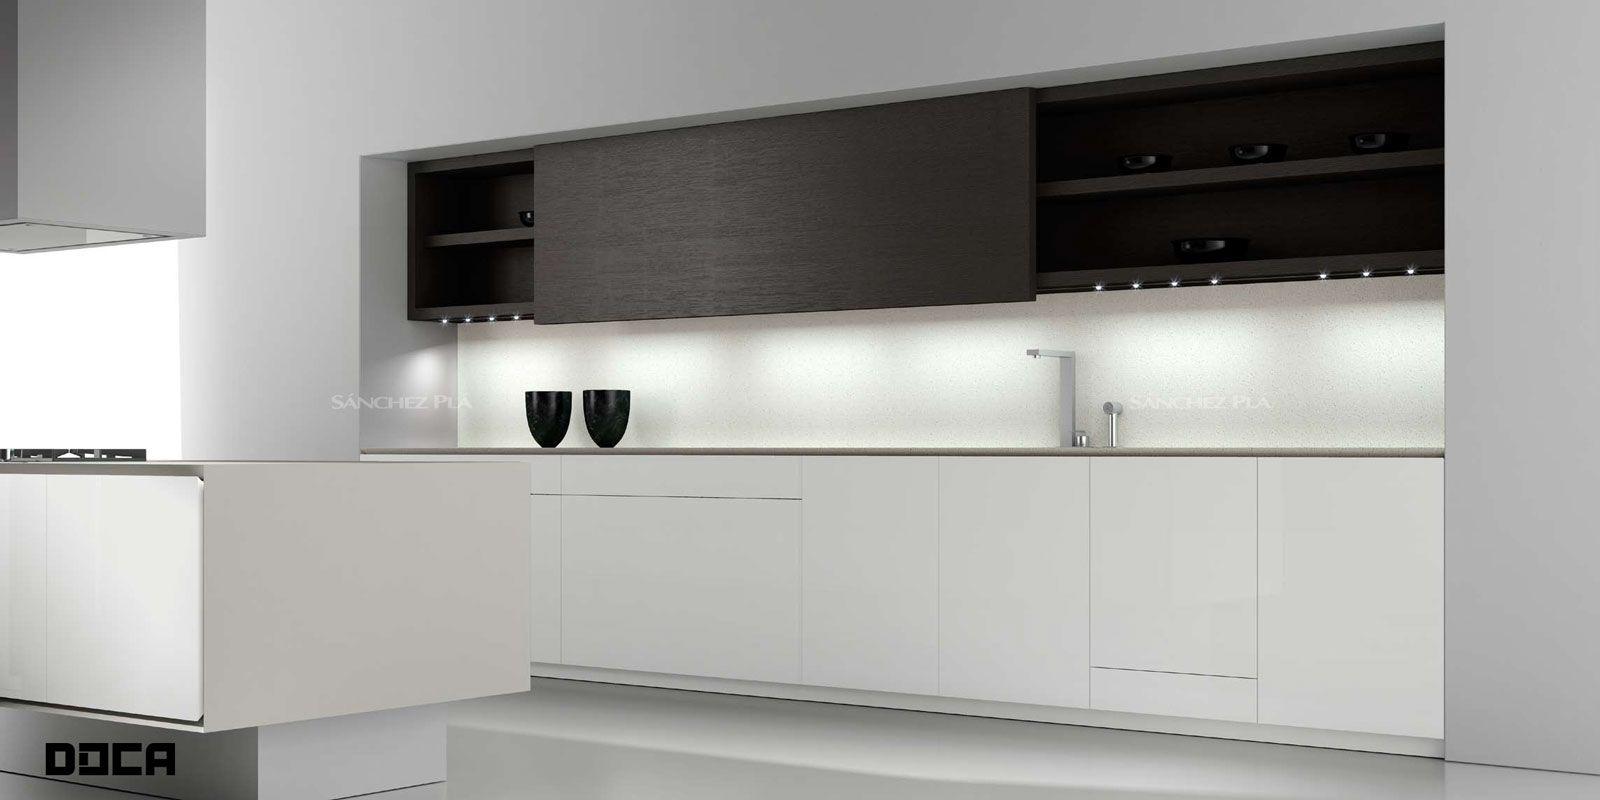 Mueble de cocina de puertas acrílicas pintadas Ecopal de Doca ...